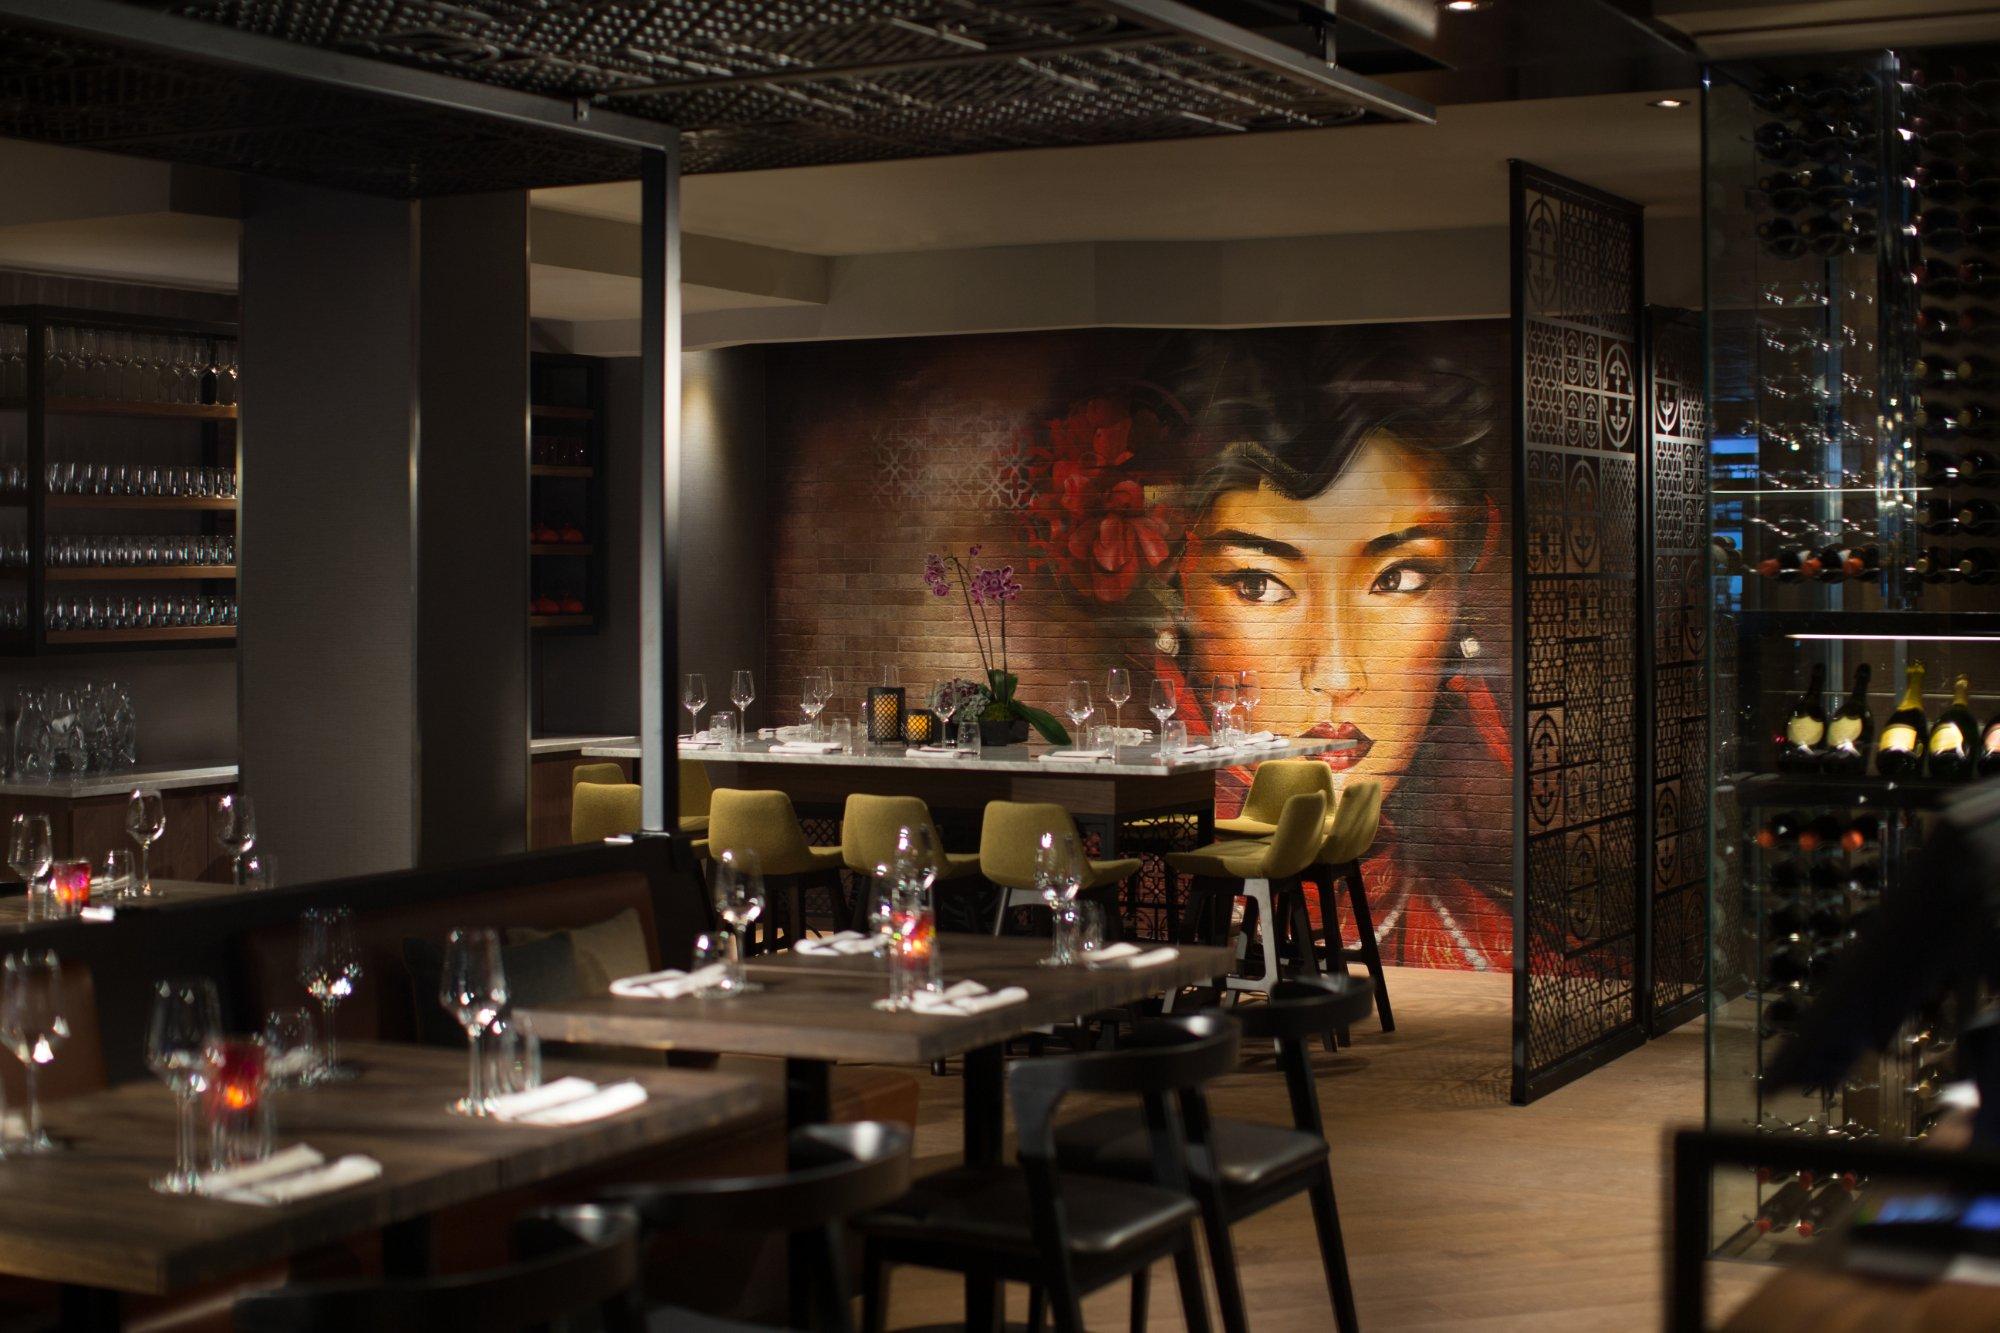 East pan asiatique cuisine et bar montreal centre ville for Cuisine asiatique